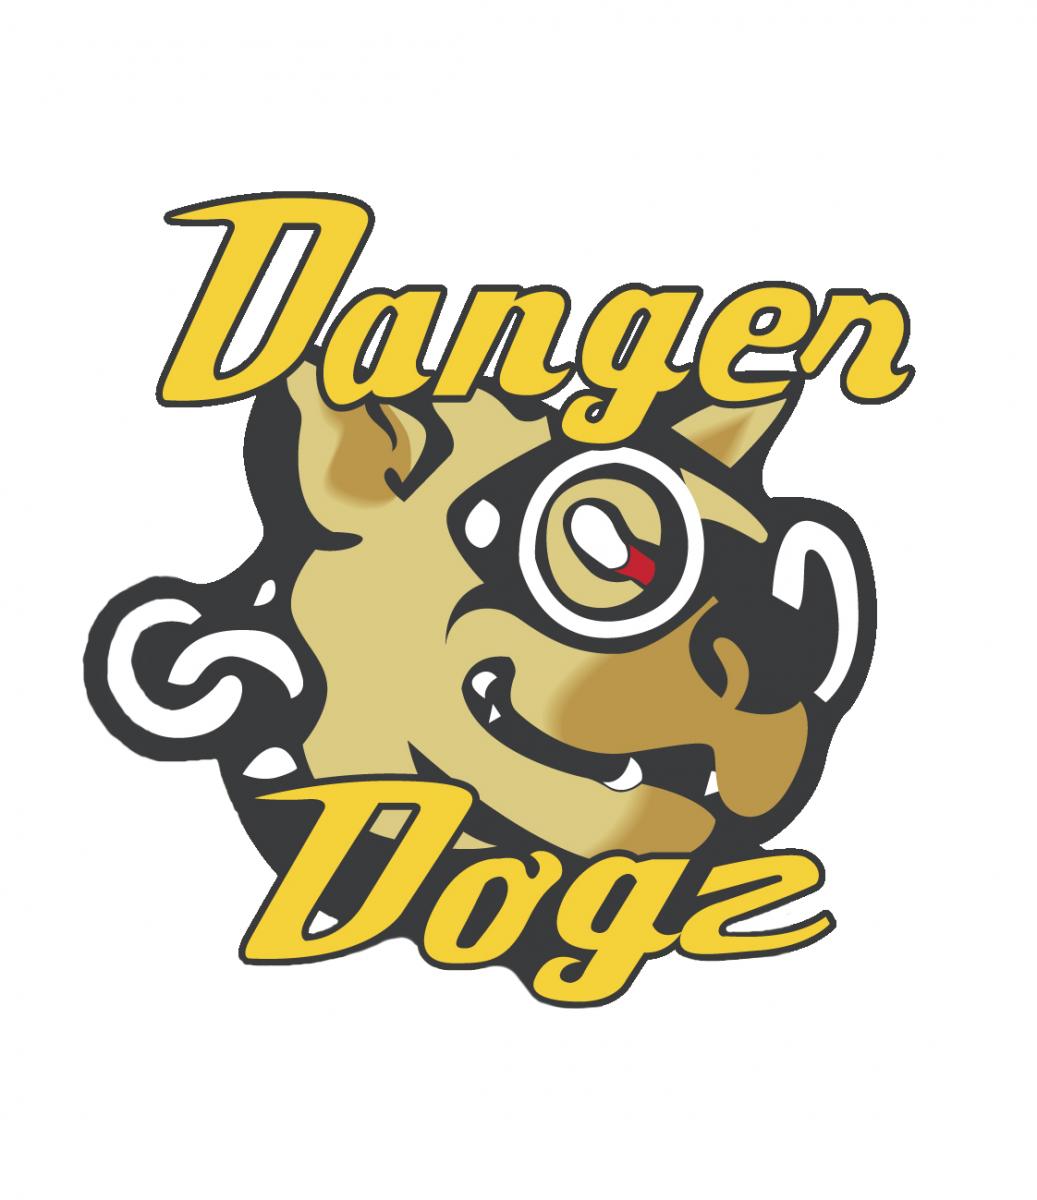 DangerDogz Logo 1